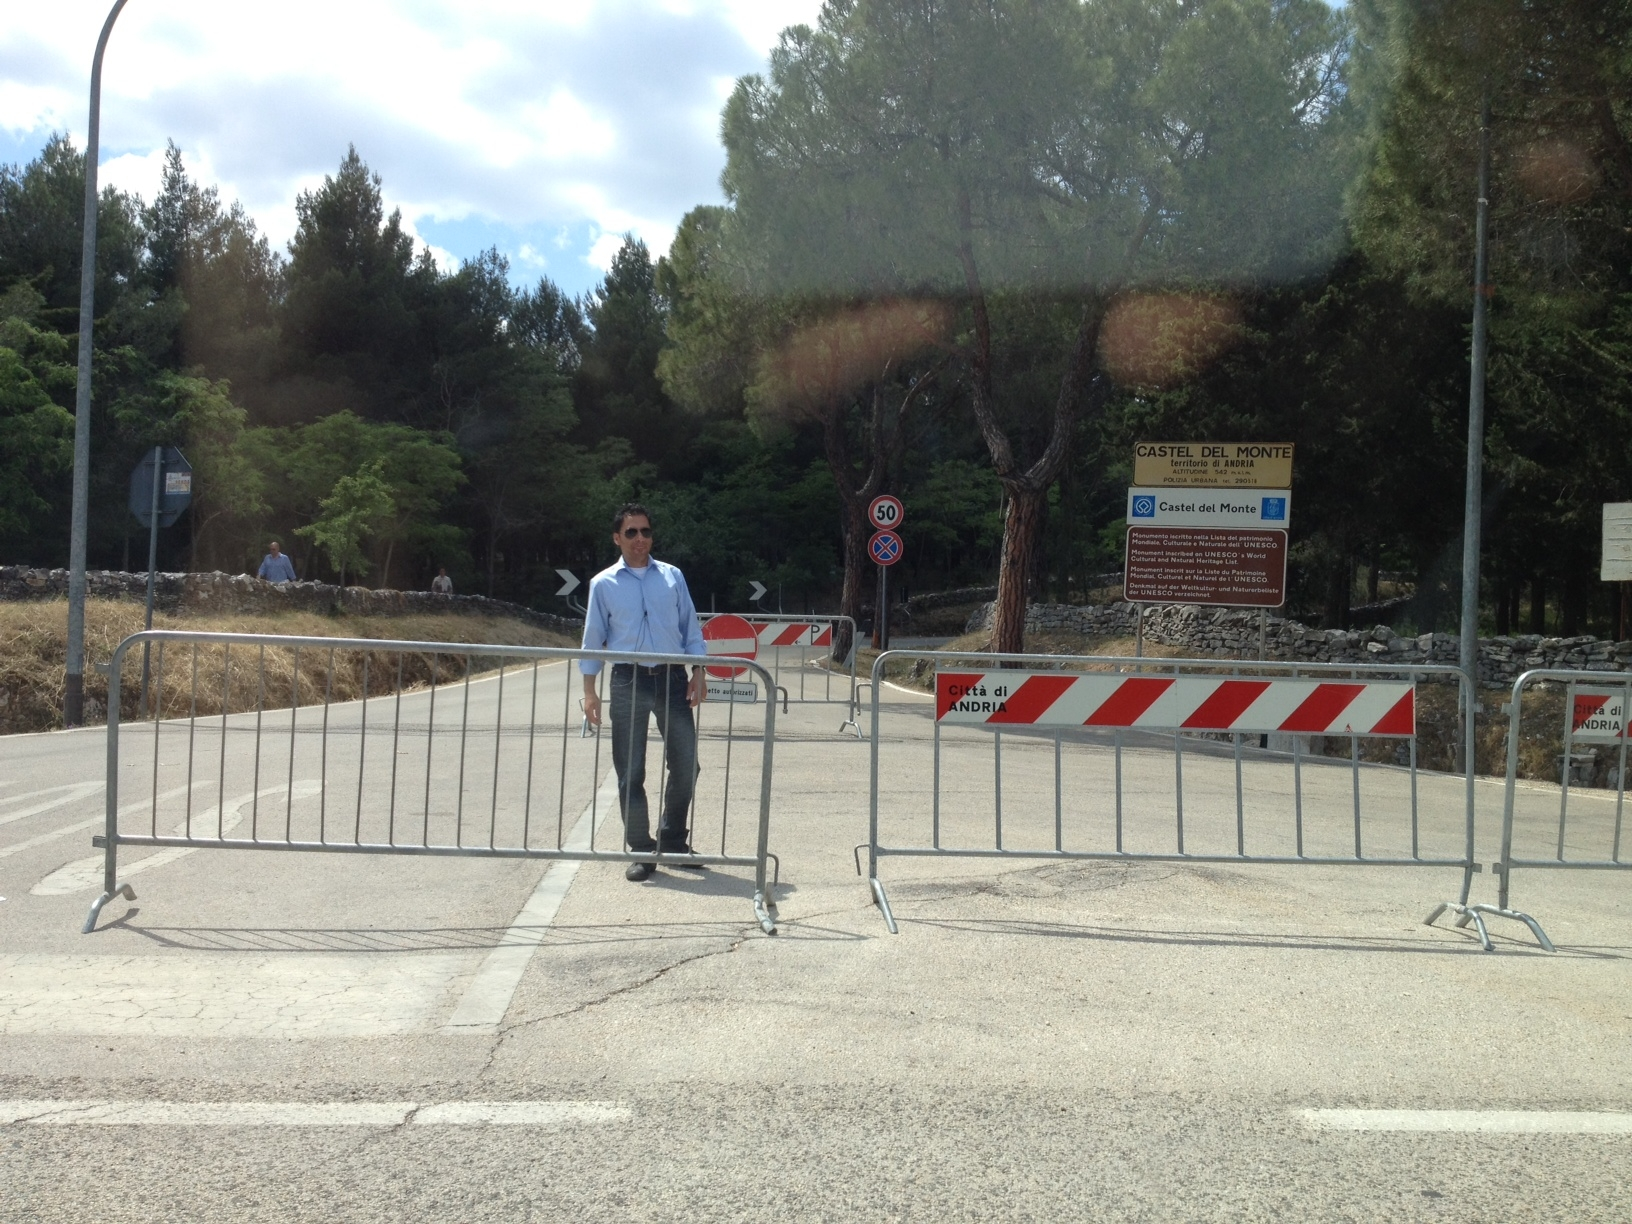 Castel del Monte - Blocked Access